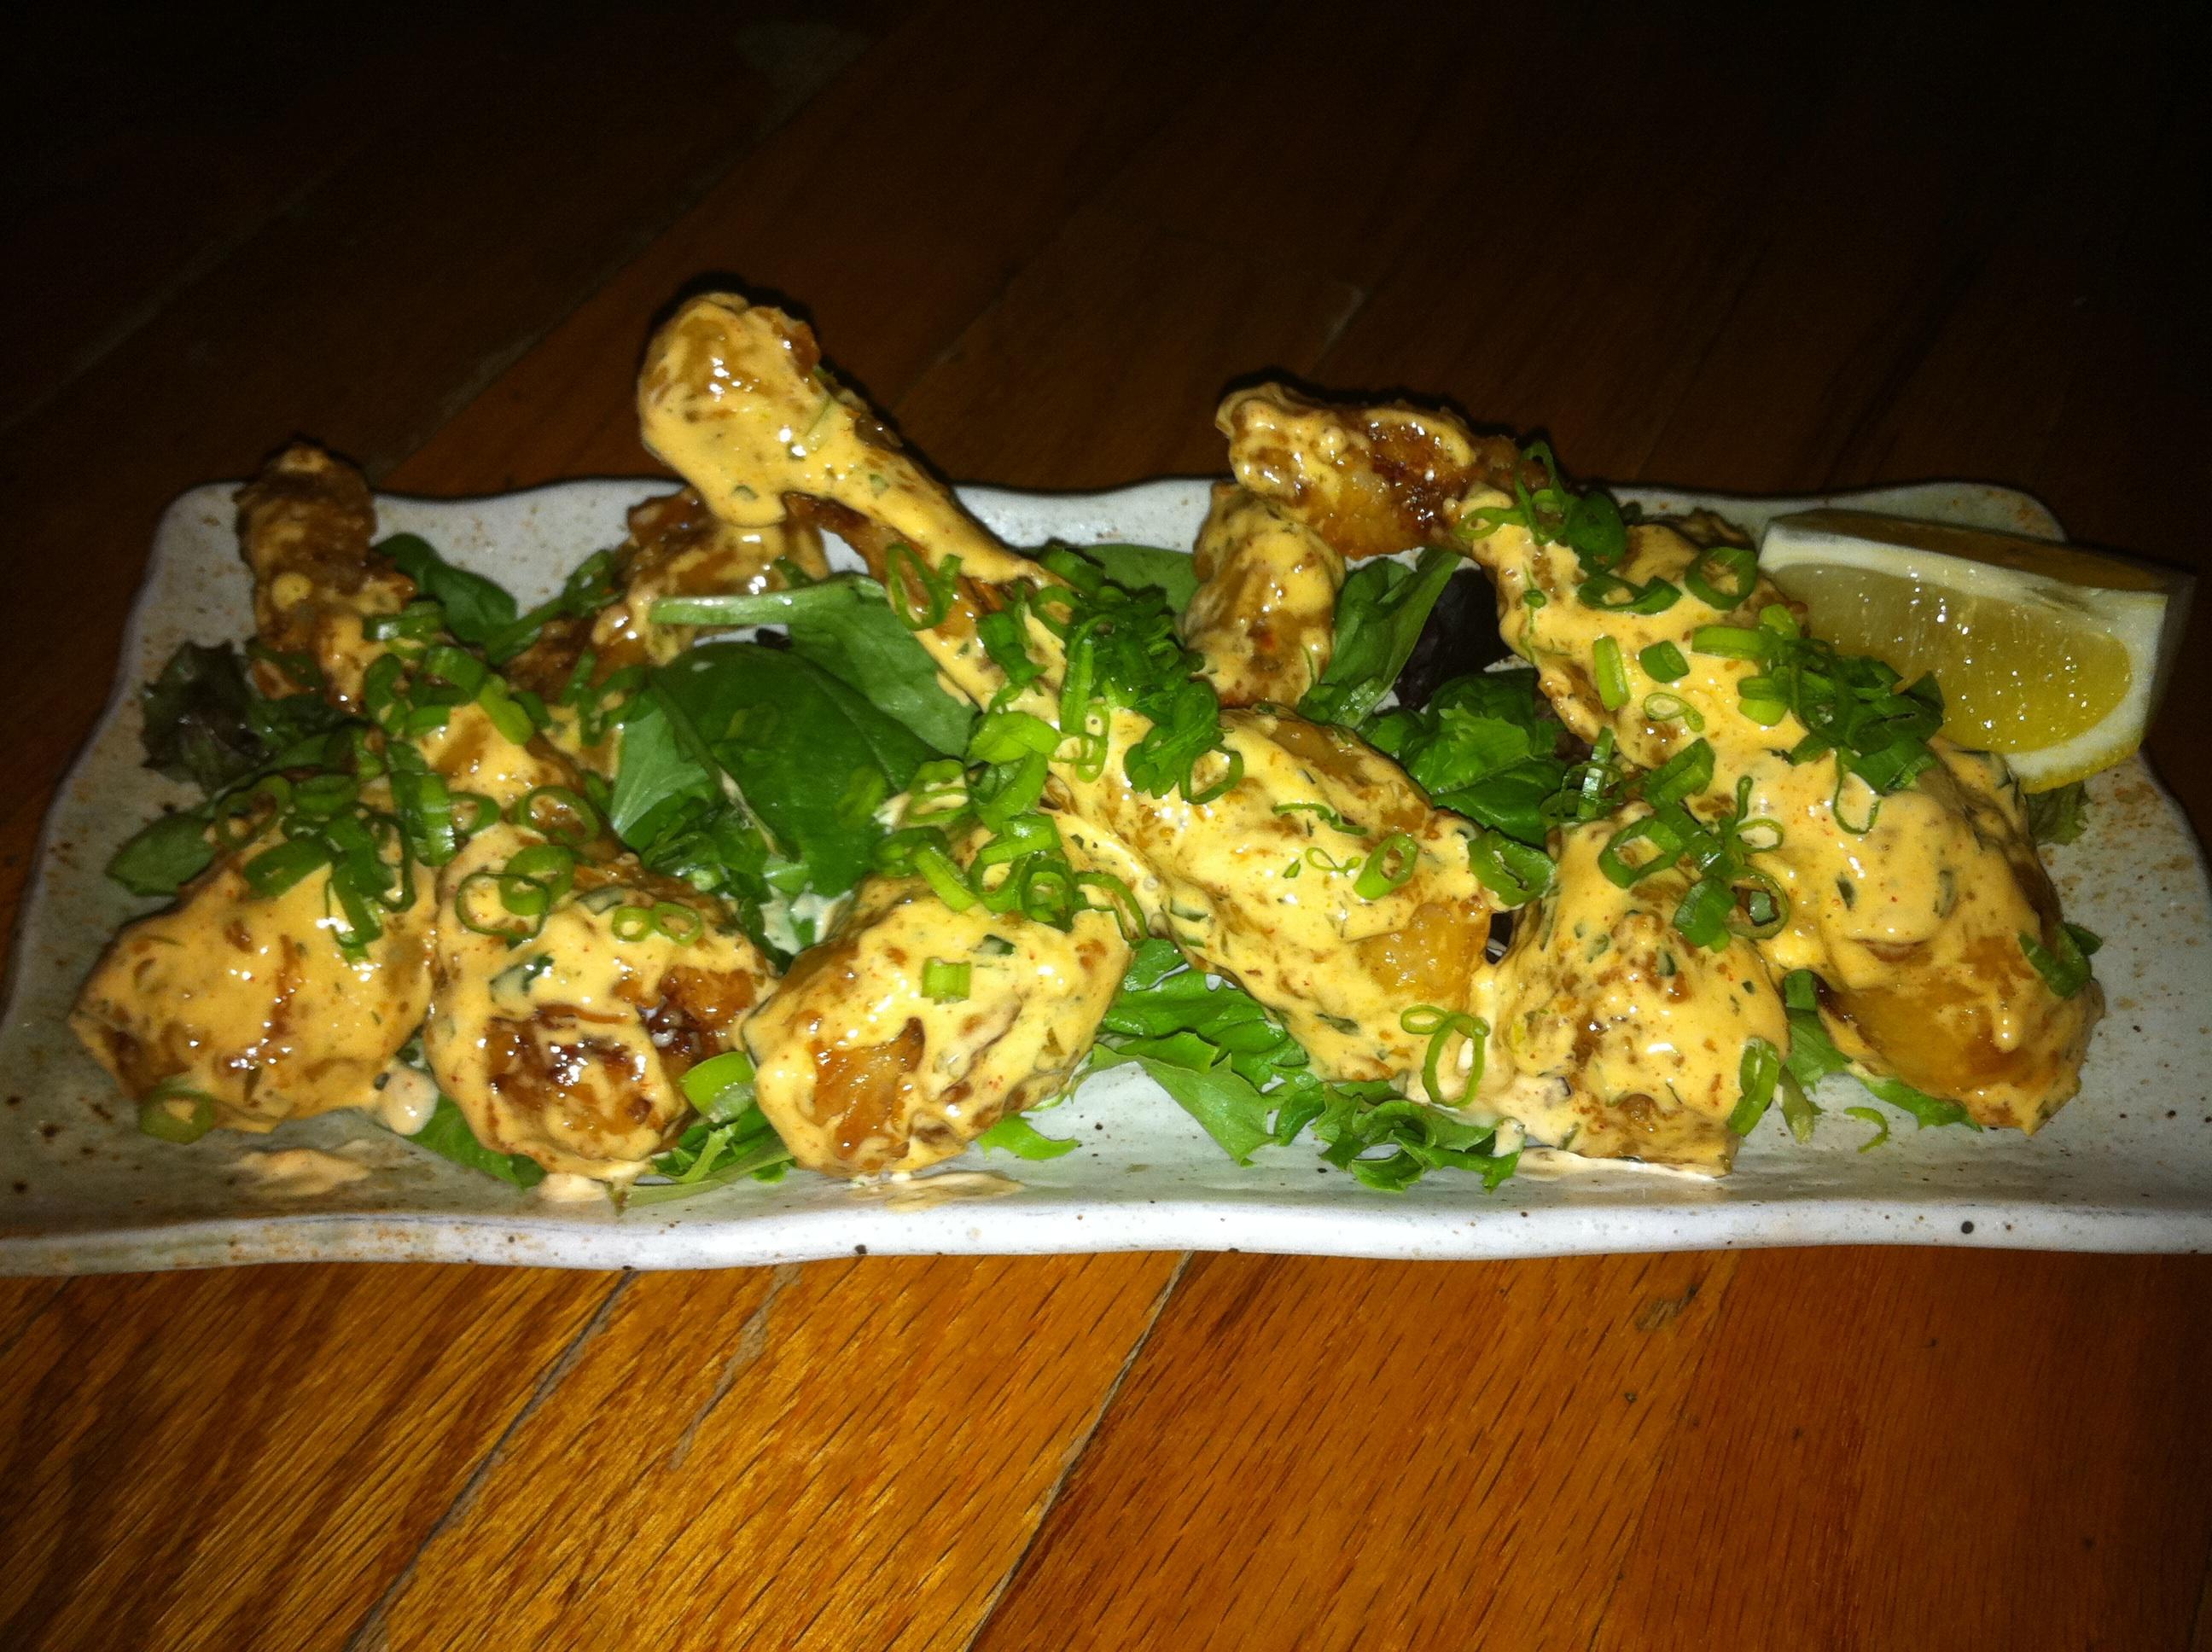 Delachaise Restaurant Frog Legs Photo By Jenny Sklar